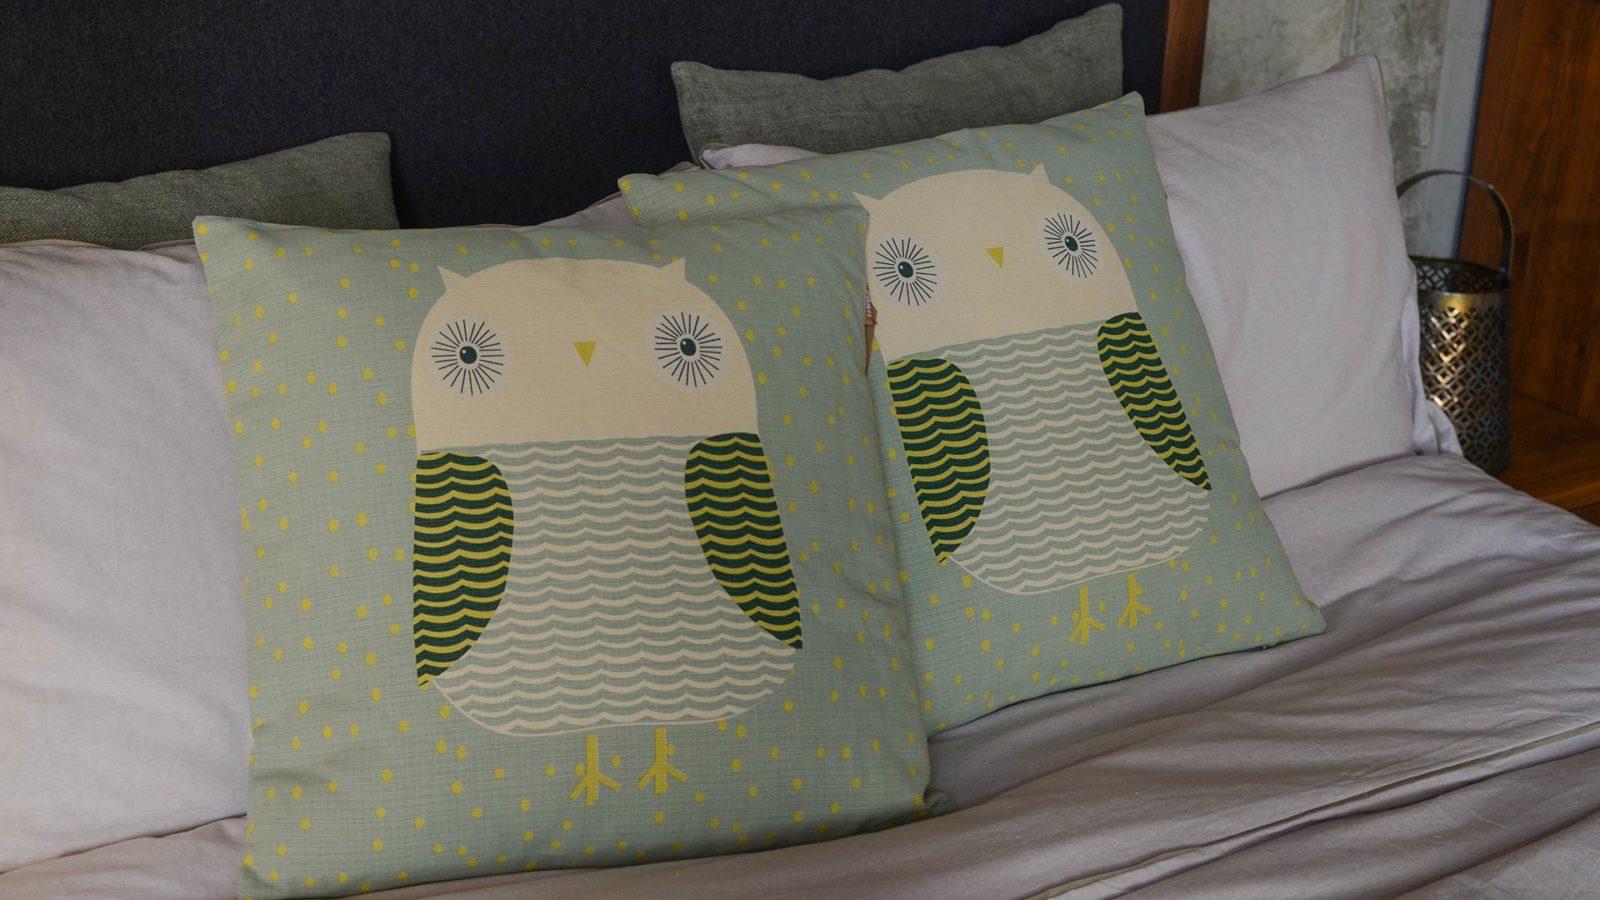 donna-wilson-cushion-Owl